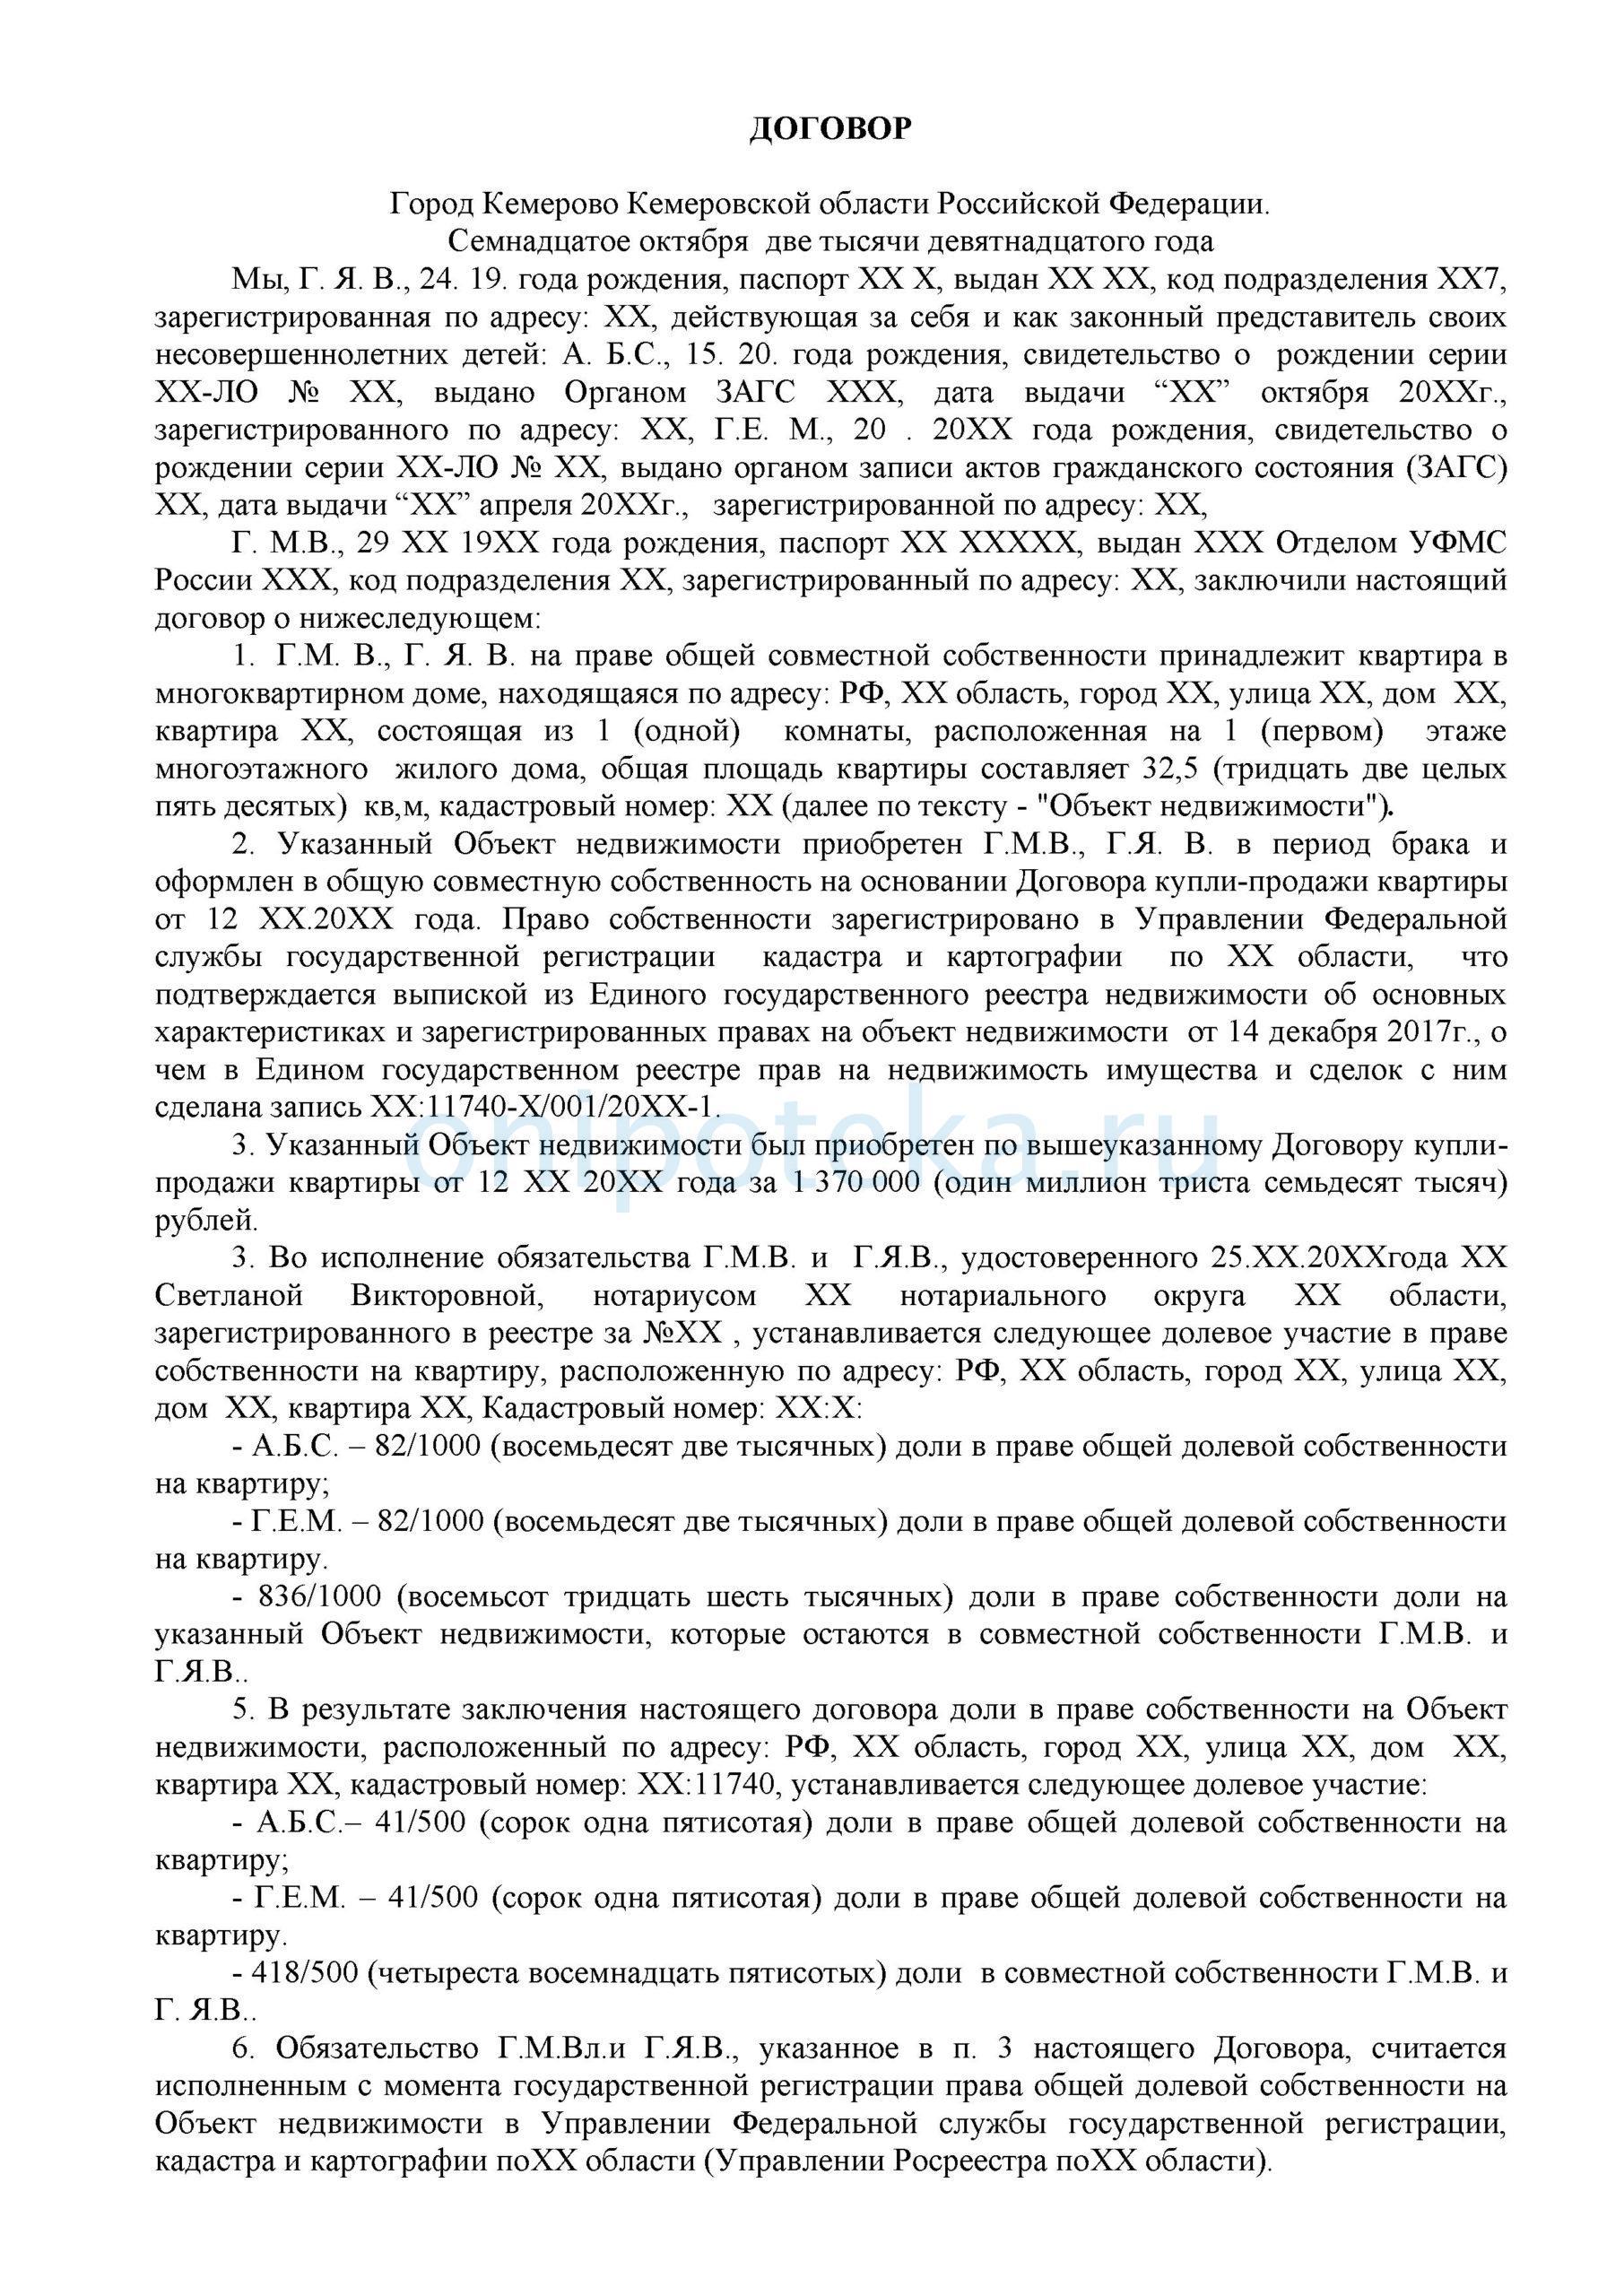 Образец соглашение (договора) о выделении доли без нотариуса-1